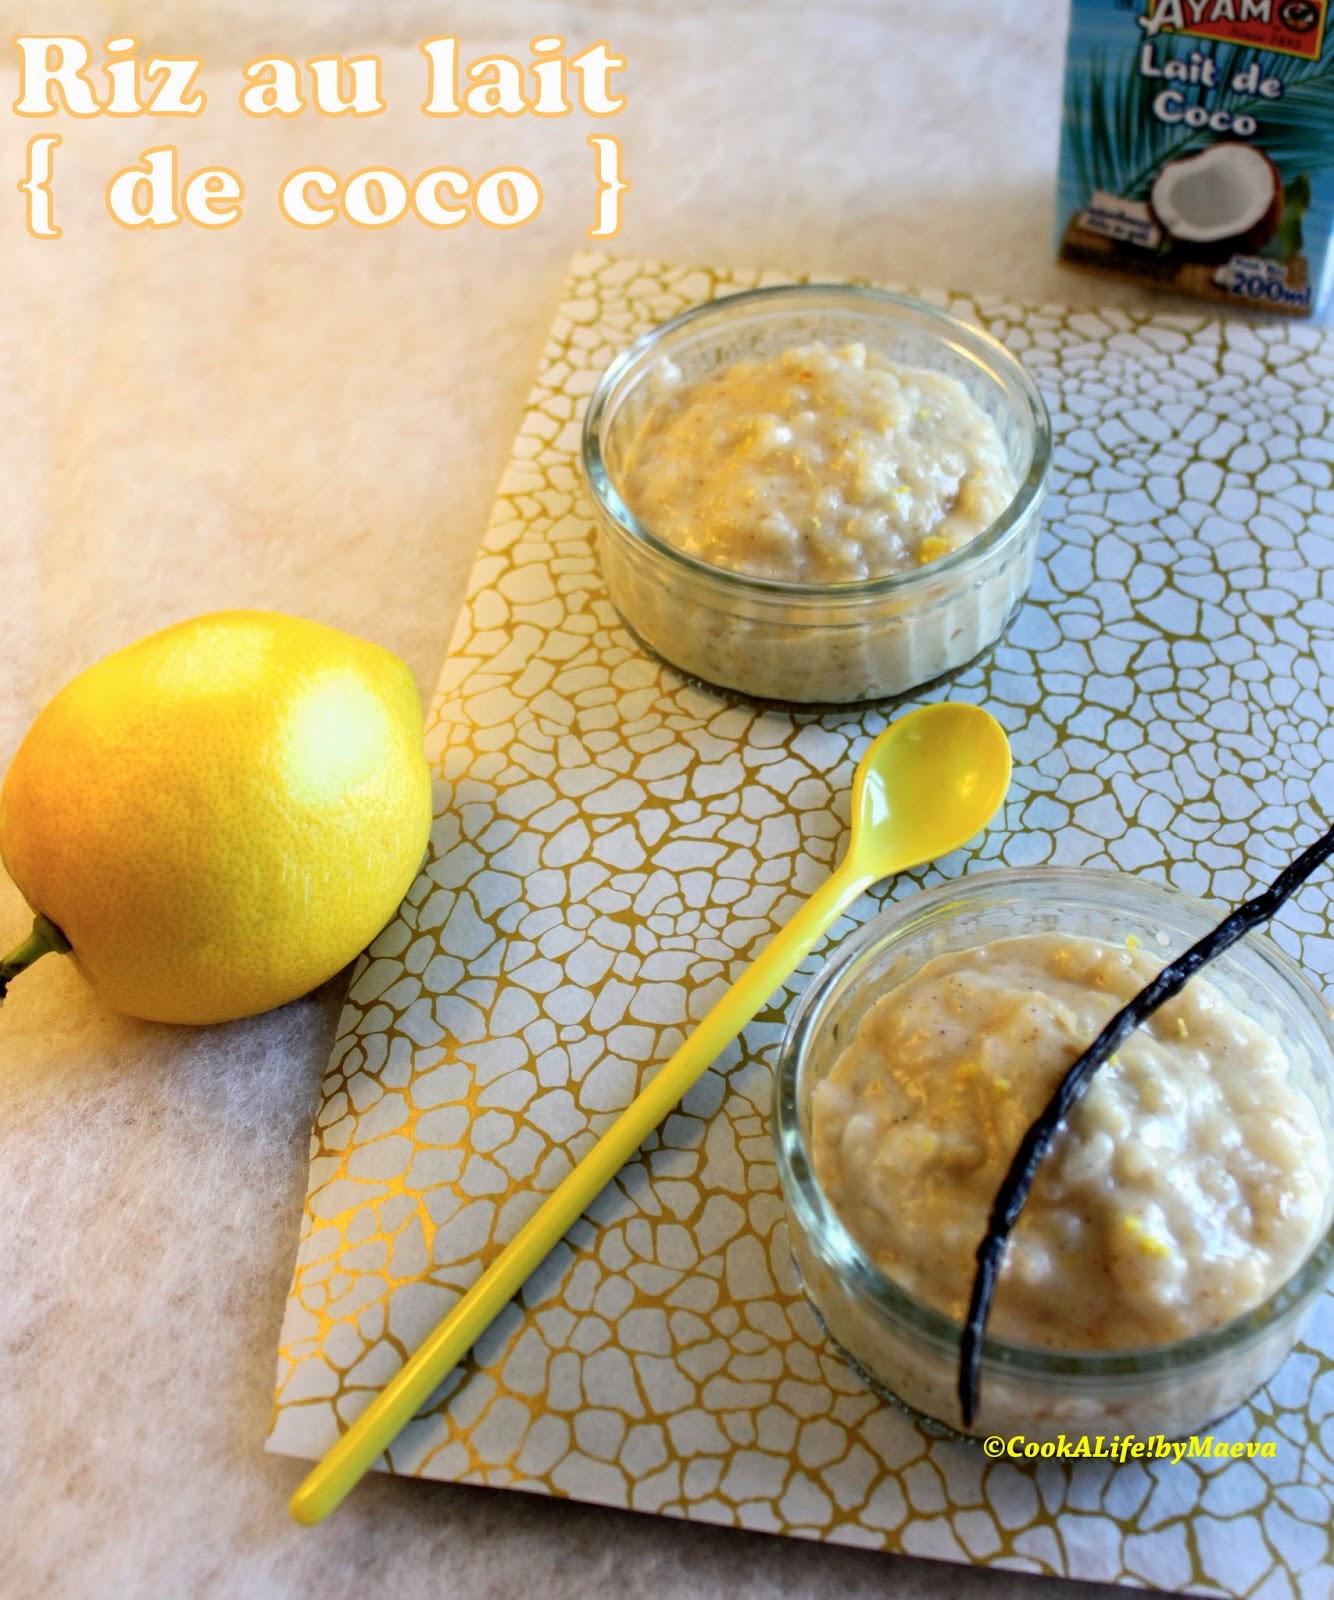 Cook a life by maeva riz au lait de coco et mangue qui rappelle le khao niao mamuang dessert - Riz au lait de coco ...